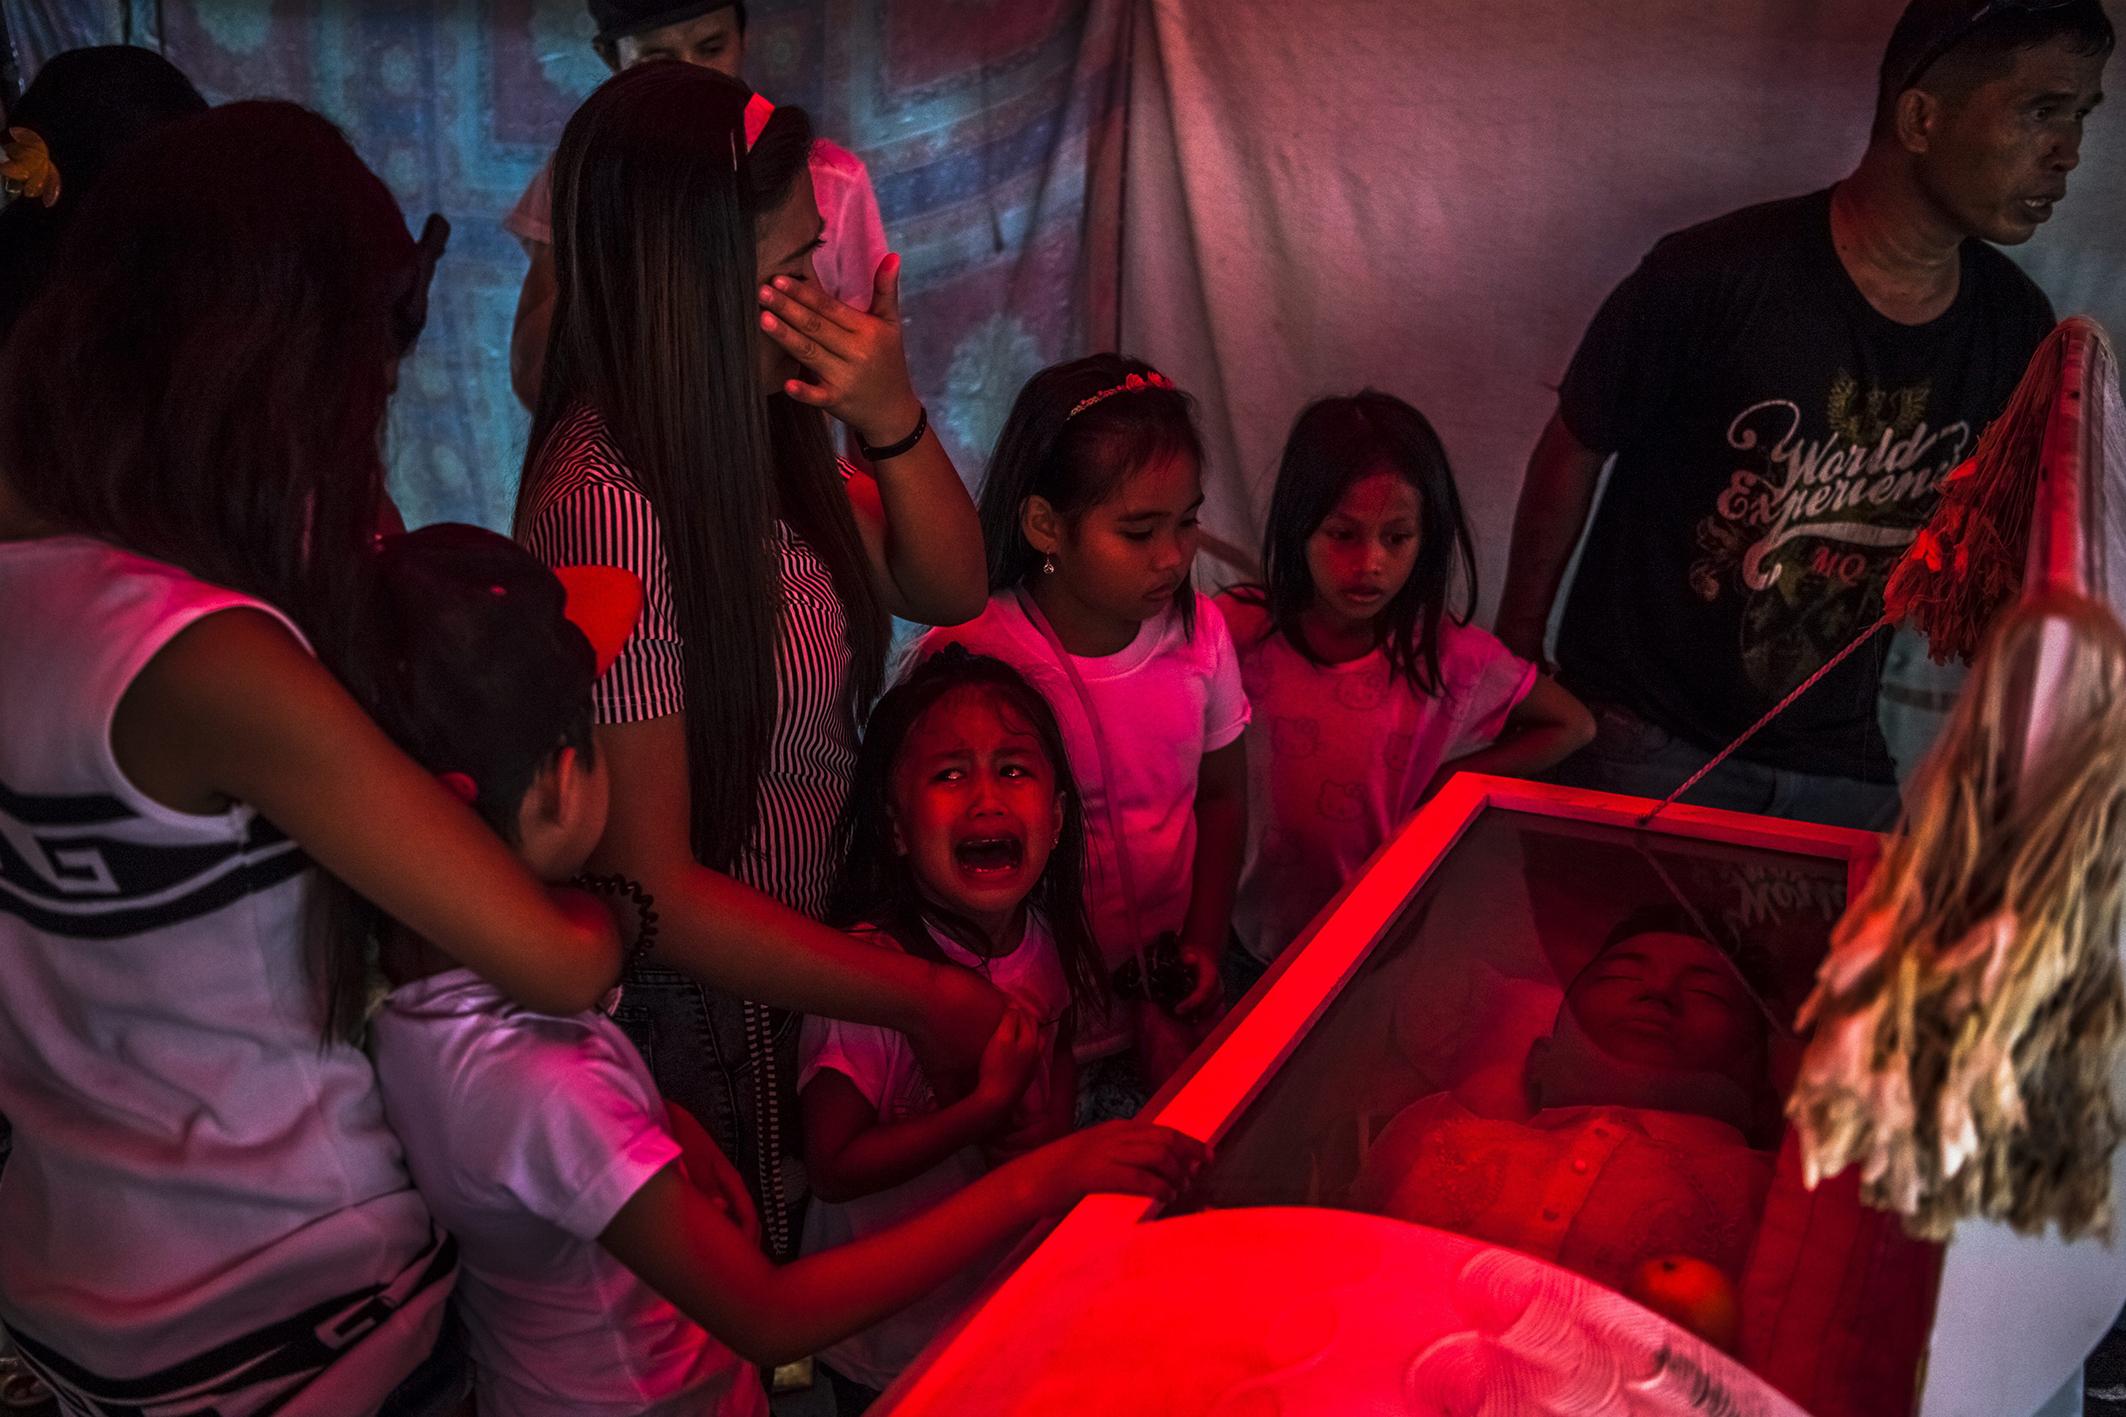 """La souffrance de la petite Jimji (6 ans) qui hurle « Papa ! » avant les obsèques de Jimboy Bolasa (25 ans). Des traces de torture et de blessures par balles étaient visibles sur le corps, retrouvé sous un pont. Selon la police, c'était un dealer ; selon ses proches, il avait répondu à l'appel du président Duterte et voulait suivre une cure de désintoxication. Manille, 10 octobre 2016. © Daniel Berehulak pour The New York Times Jimji (6), in anguish screaming """"Papa!"""" before the funeral of Jimboy Bolasa (25). His body, showing signs of torture as well as gunshot wounds, was found under a bridge. The police said he was a drug dealer, but according to his family, Bolasa had surrendered earlier, answering President Duterte's call to follow what was supposed to be a drug-treatment program. Manila, October 10, 2016. © Daniel Berehulak for The New York Times Photo libre de droit uniquement dans le cadre de la promotion de la 29e édition du Festival International du Photojournalisme """"Visa pour l'Image - Perpignan"""" 2017 au format 1/4 de page maximum. Résolution maximale pour publication multimédia : 72 dpi Mention du copyright obligatoire. The photos provided here are copyright but may be used royalty-free for press presentation and promotion of the 29th International Festival of Photojournalism Visa pour l'Image - Perpignan 2017. Maximum size printed: quarter pageMaximum resolution for online publication: 72 dpi Copyright and photo credits (listed with captions) must be printed."""